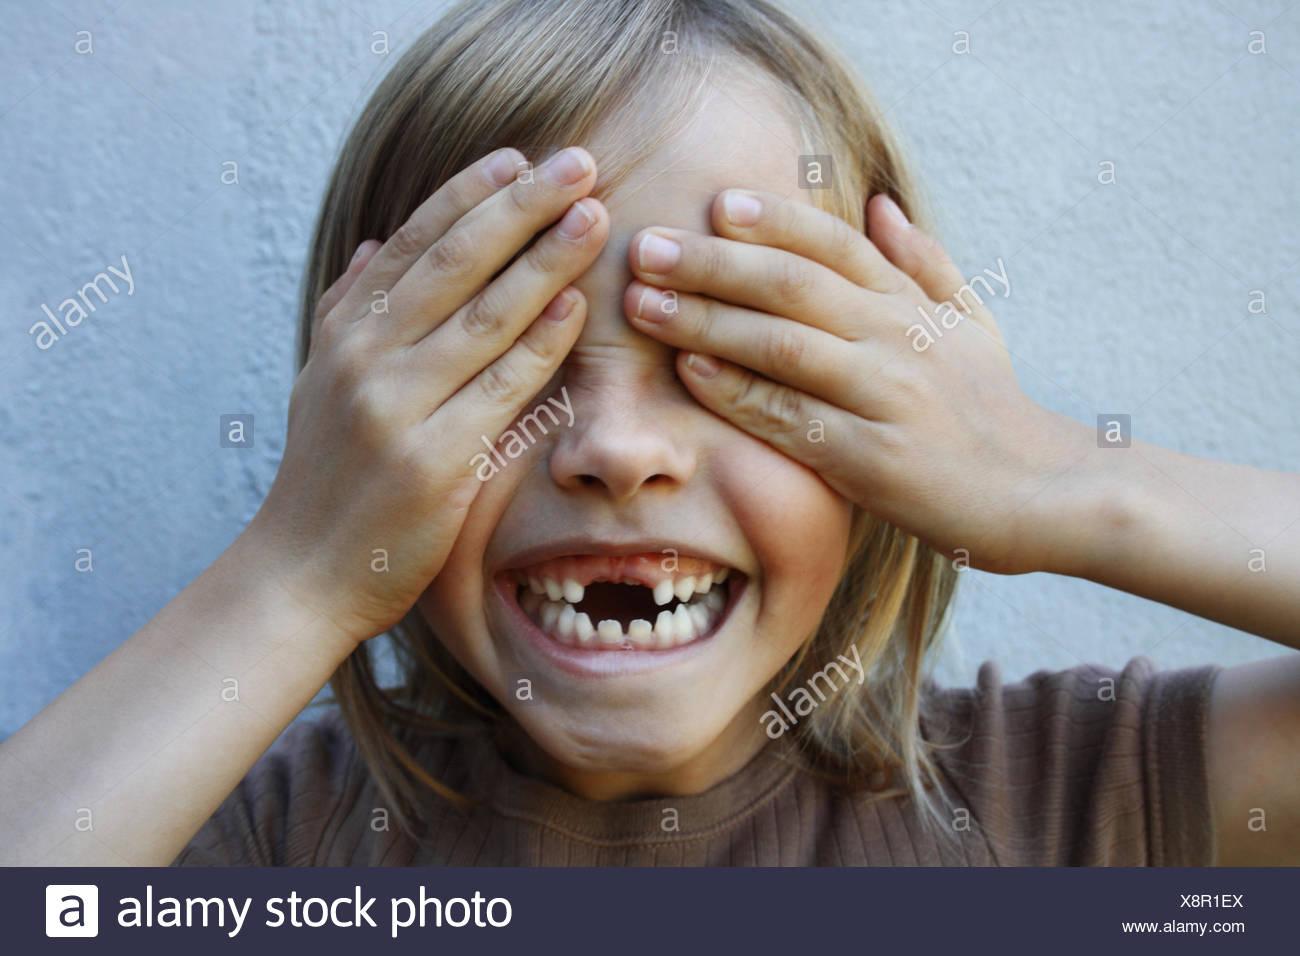 Chico con gap sonrisa dentada con las manos cubriéndose los ojos Foto de stock